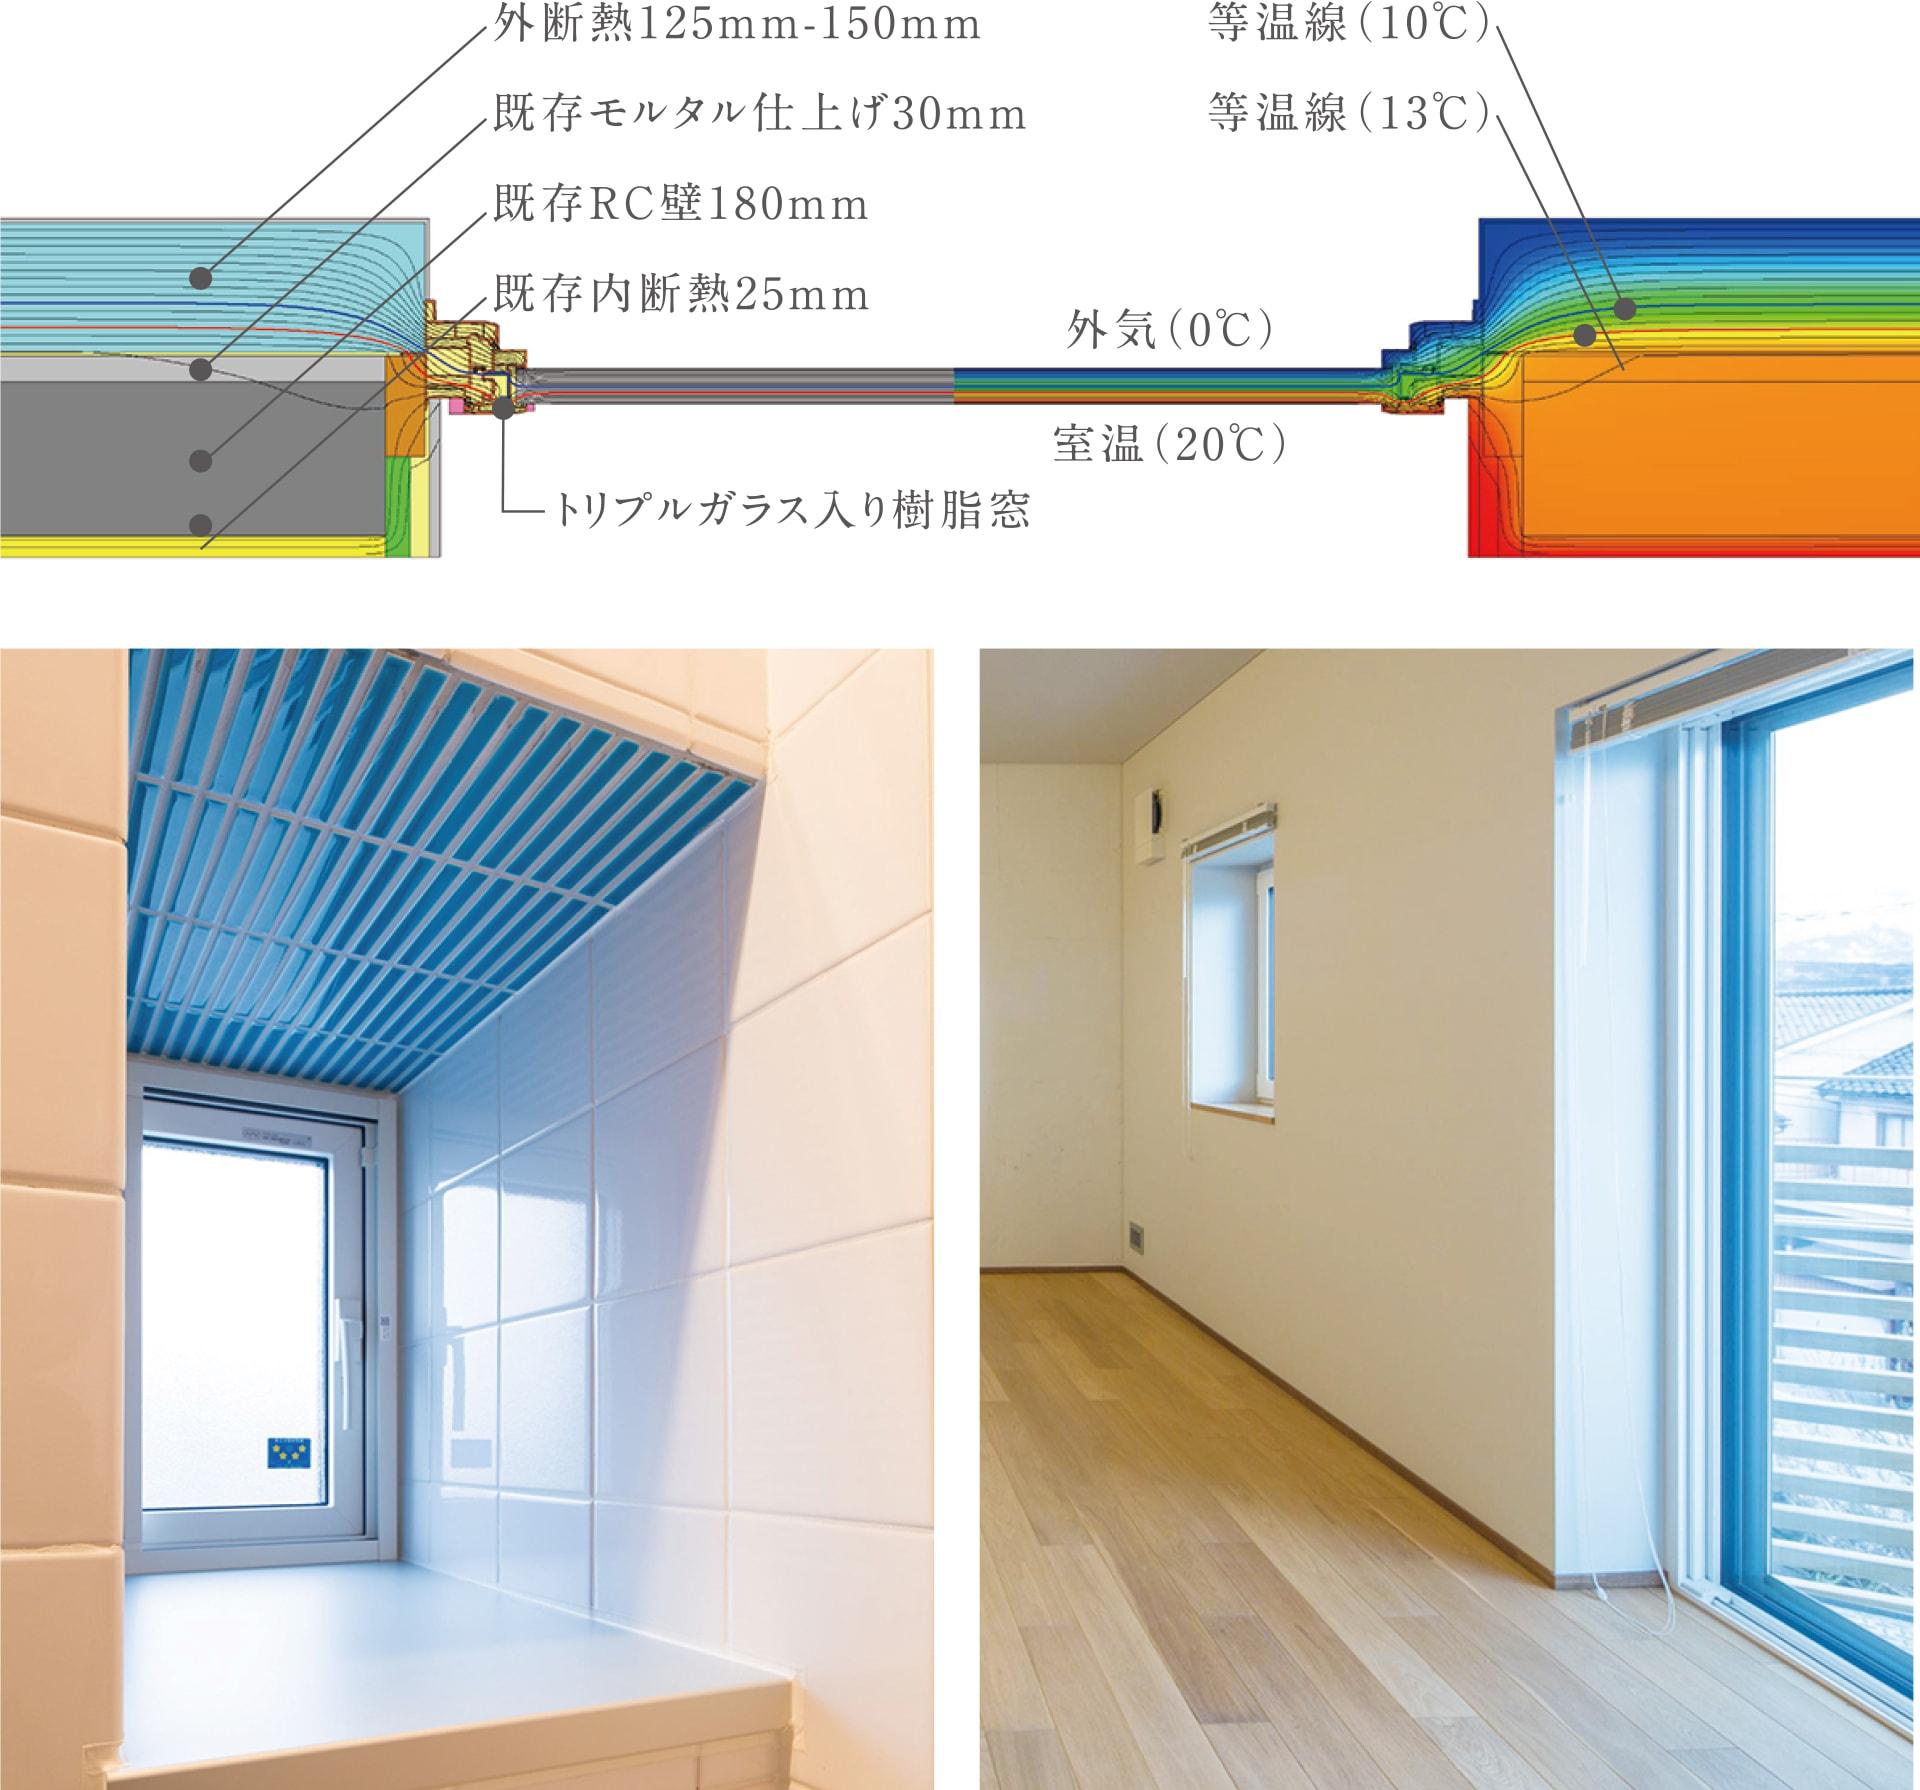 高性能トリプルガラス樹脂窓による断熱強化